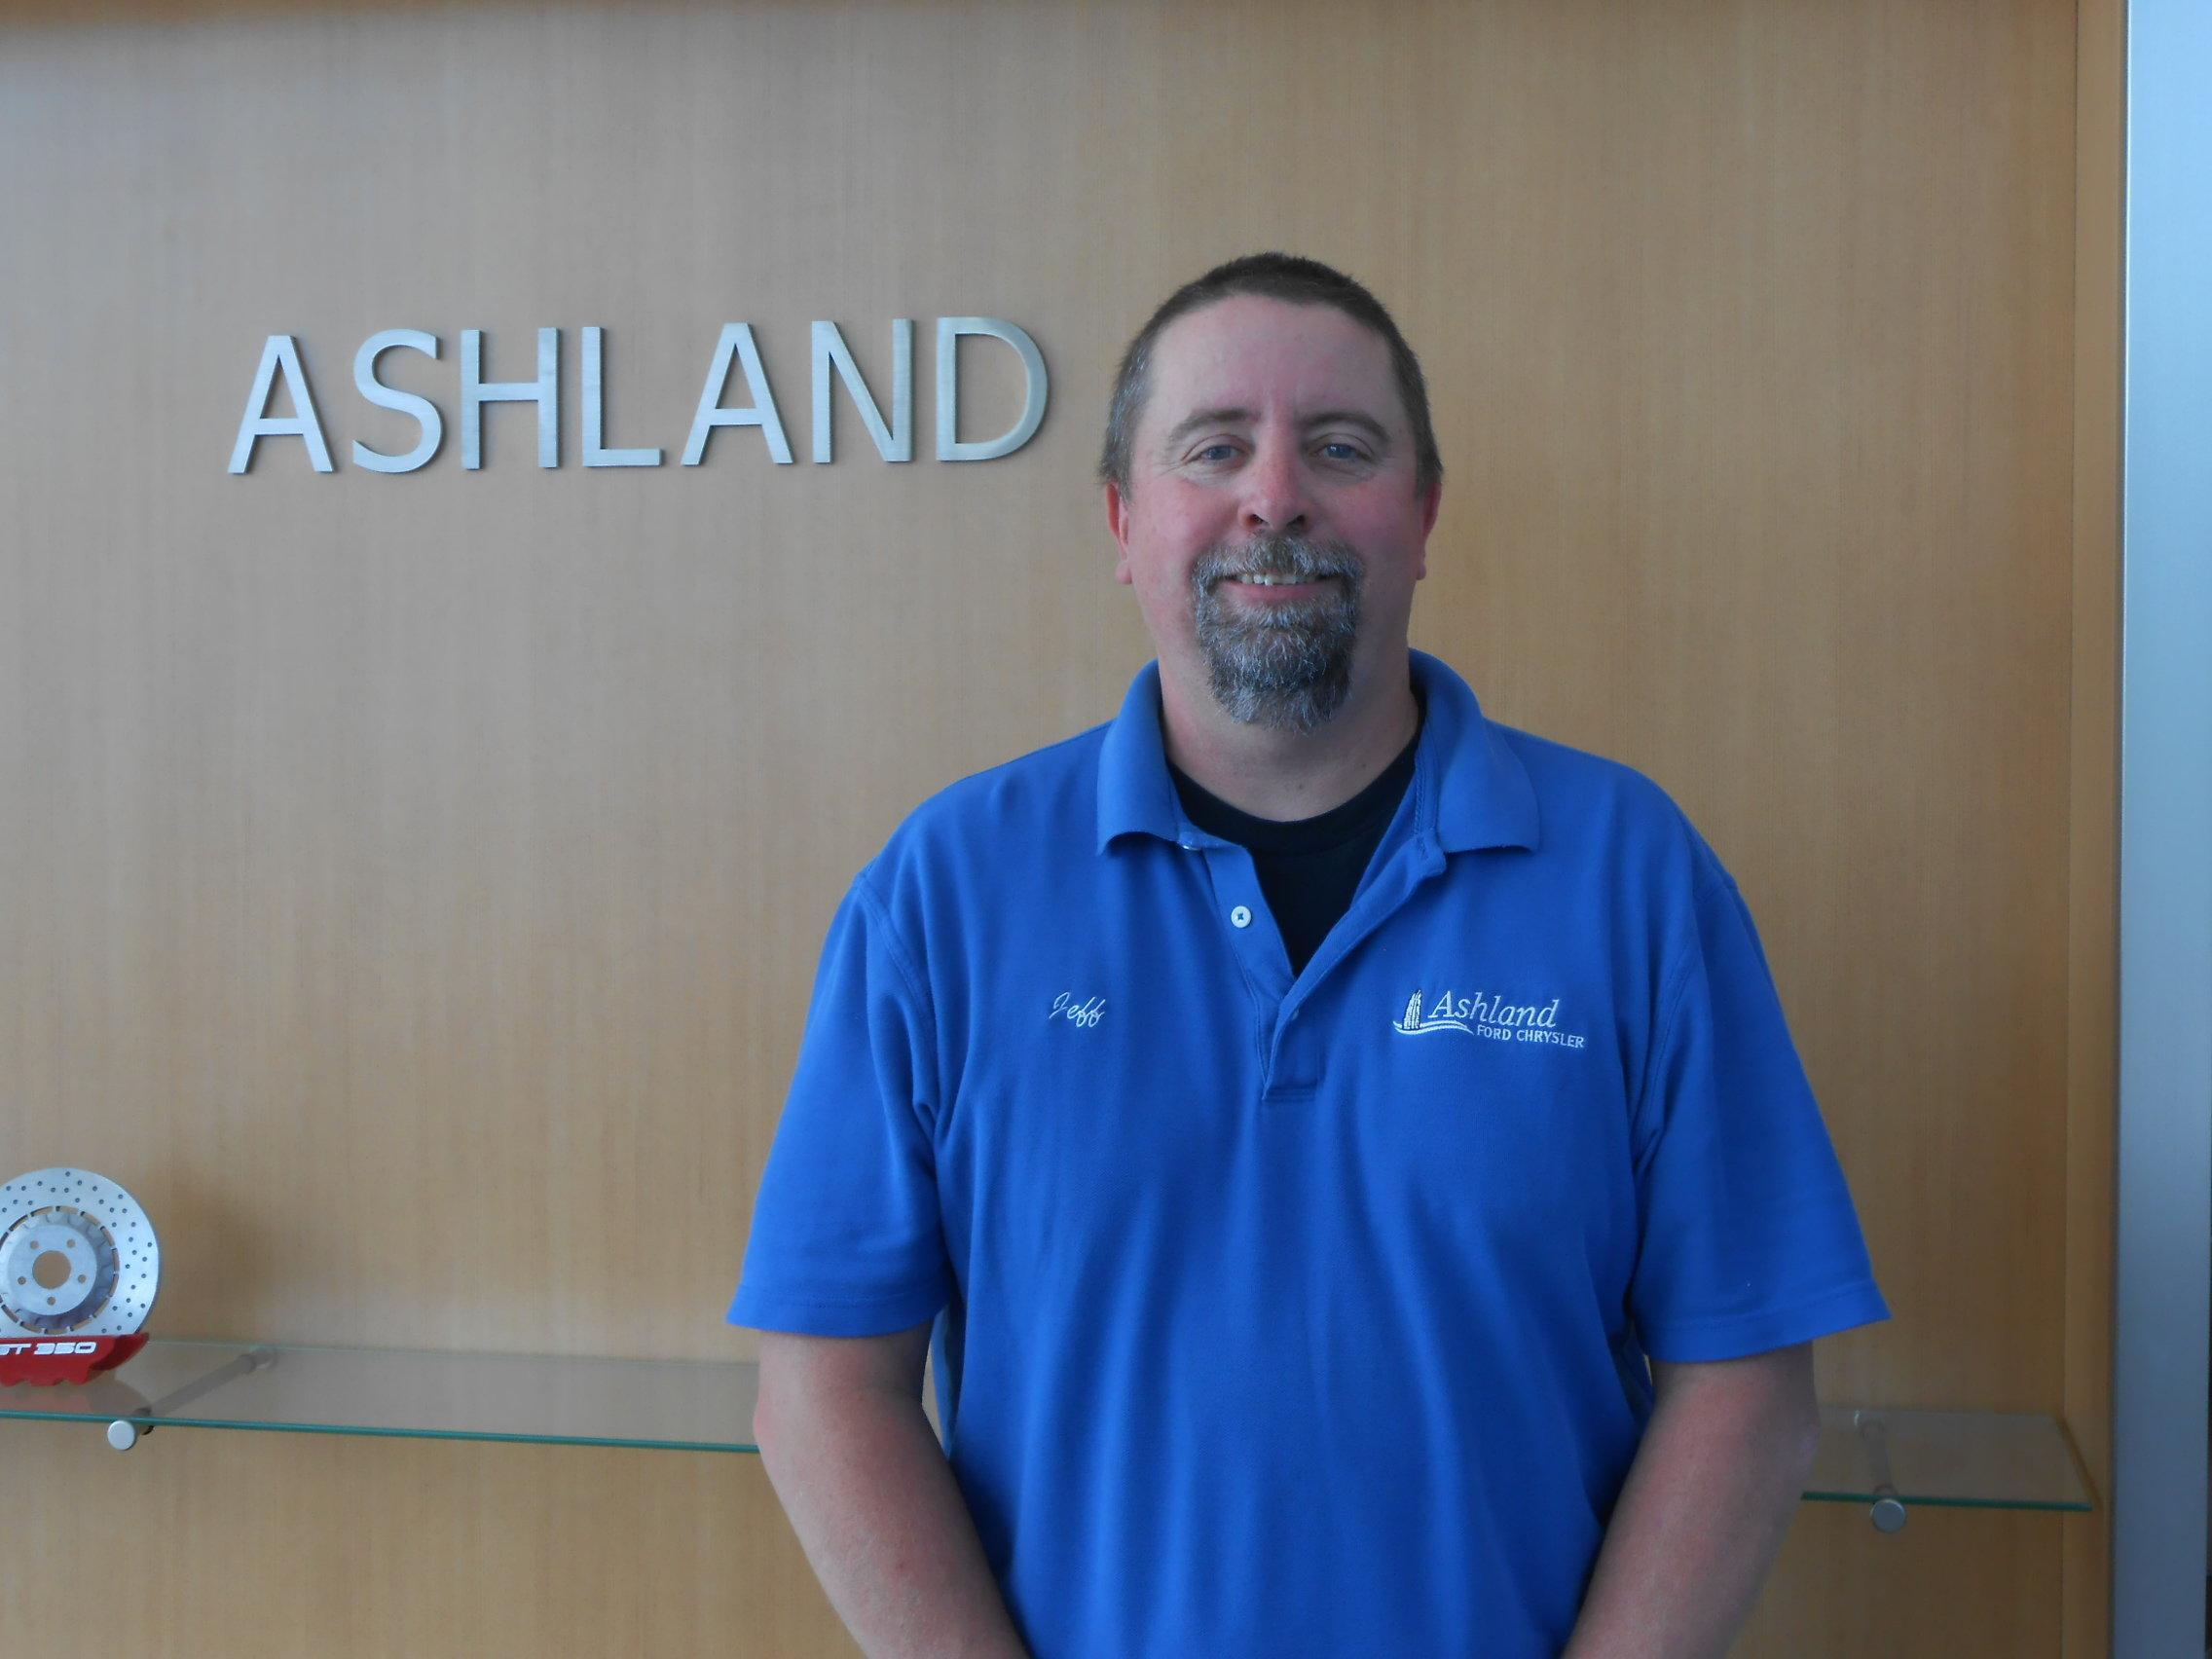 Jeff Mashlan - Service Manager